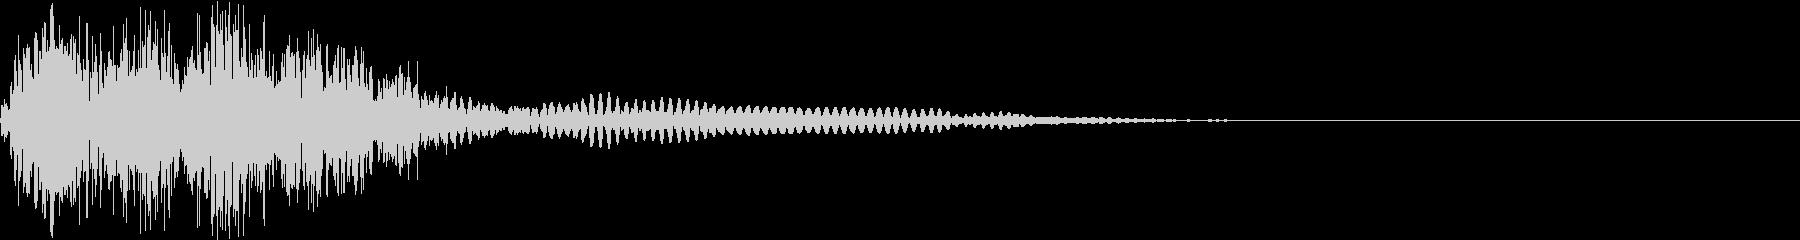 衝撃 ギター インパクト ノイズ 13の未再生の波形